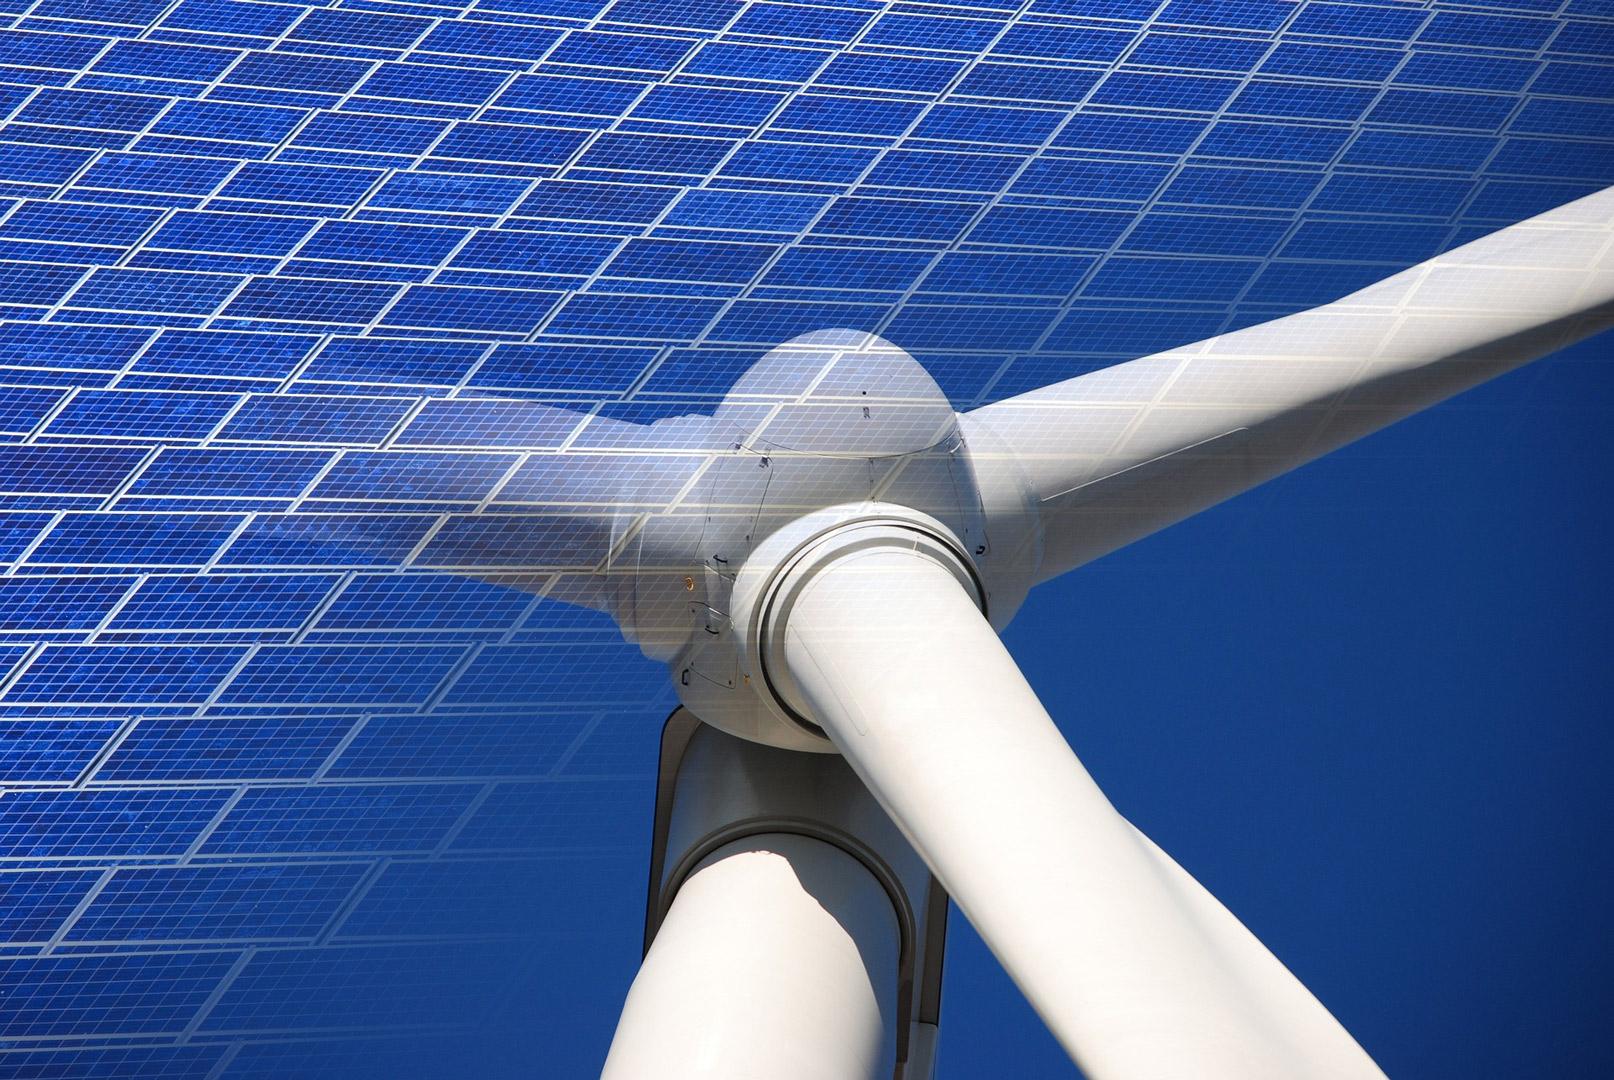 energie solaire eolien - énergies renouvelables - énergies renouvelables